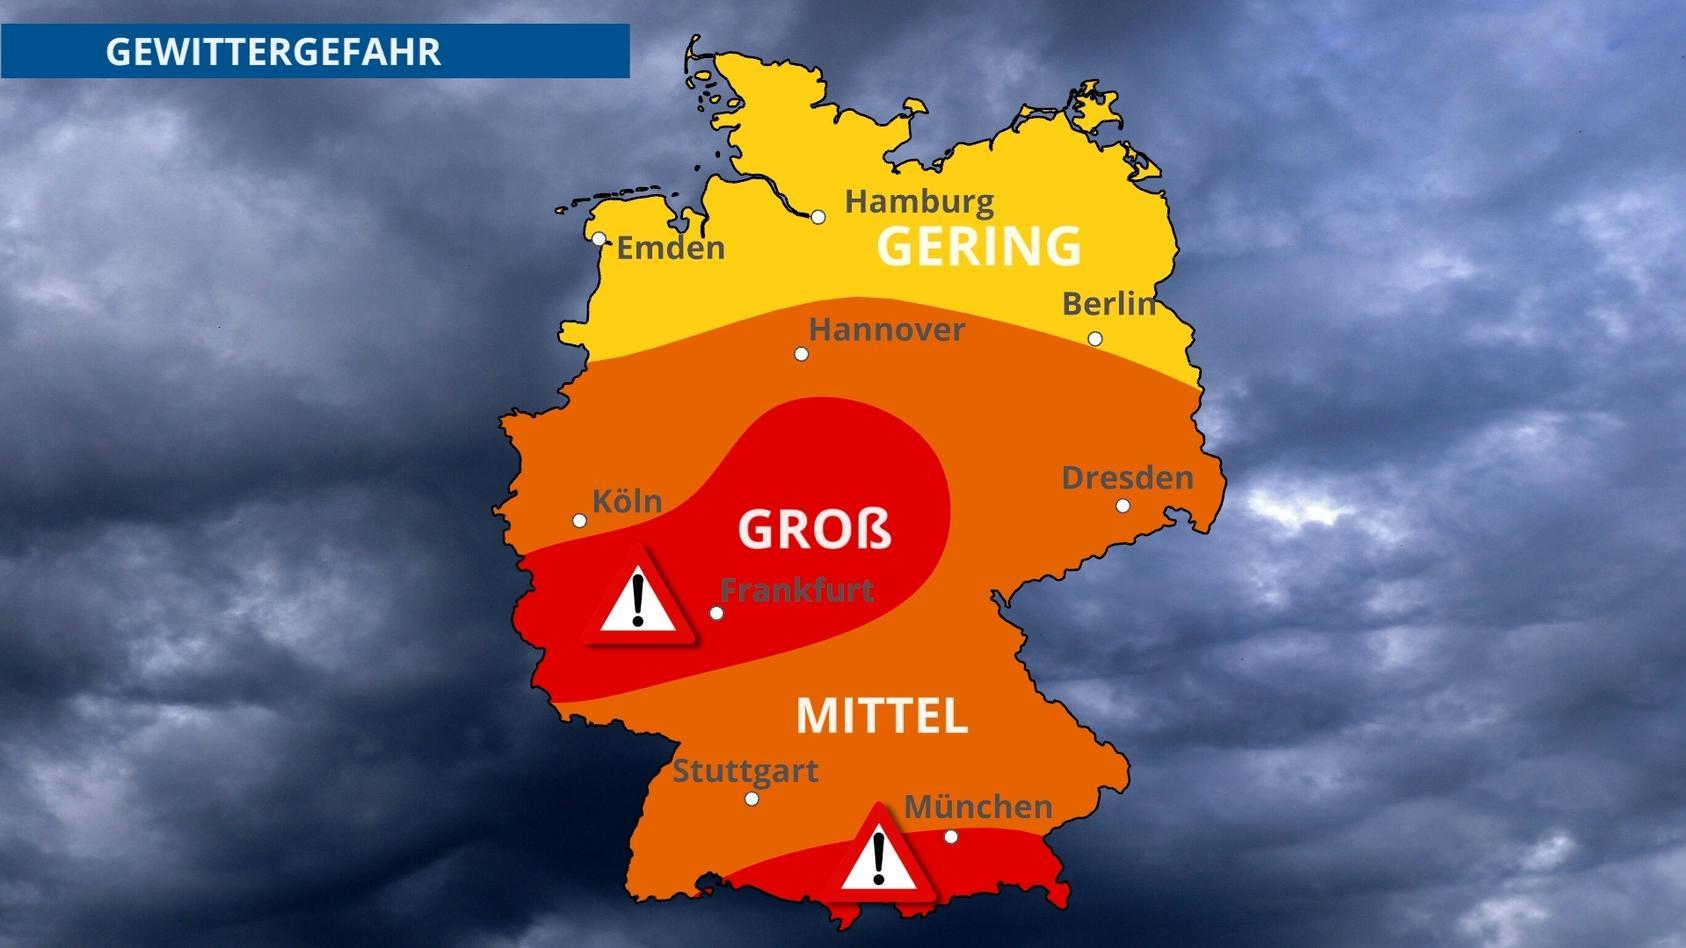 Die Unwettergefahr ist im Westen und Süden besonders groß.